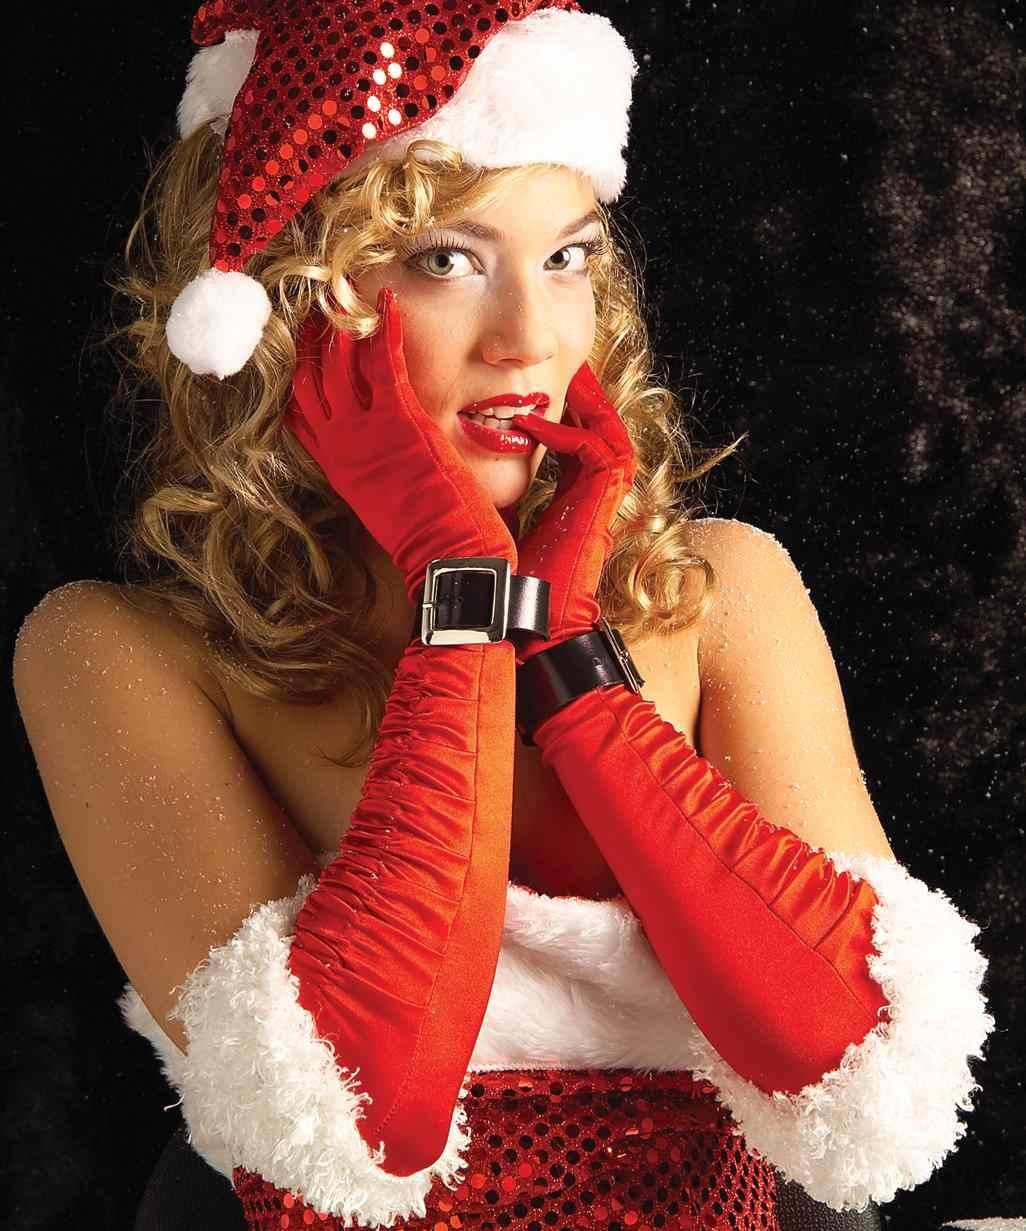 Gants-Mère-Noël-Miss-Noël